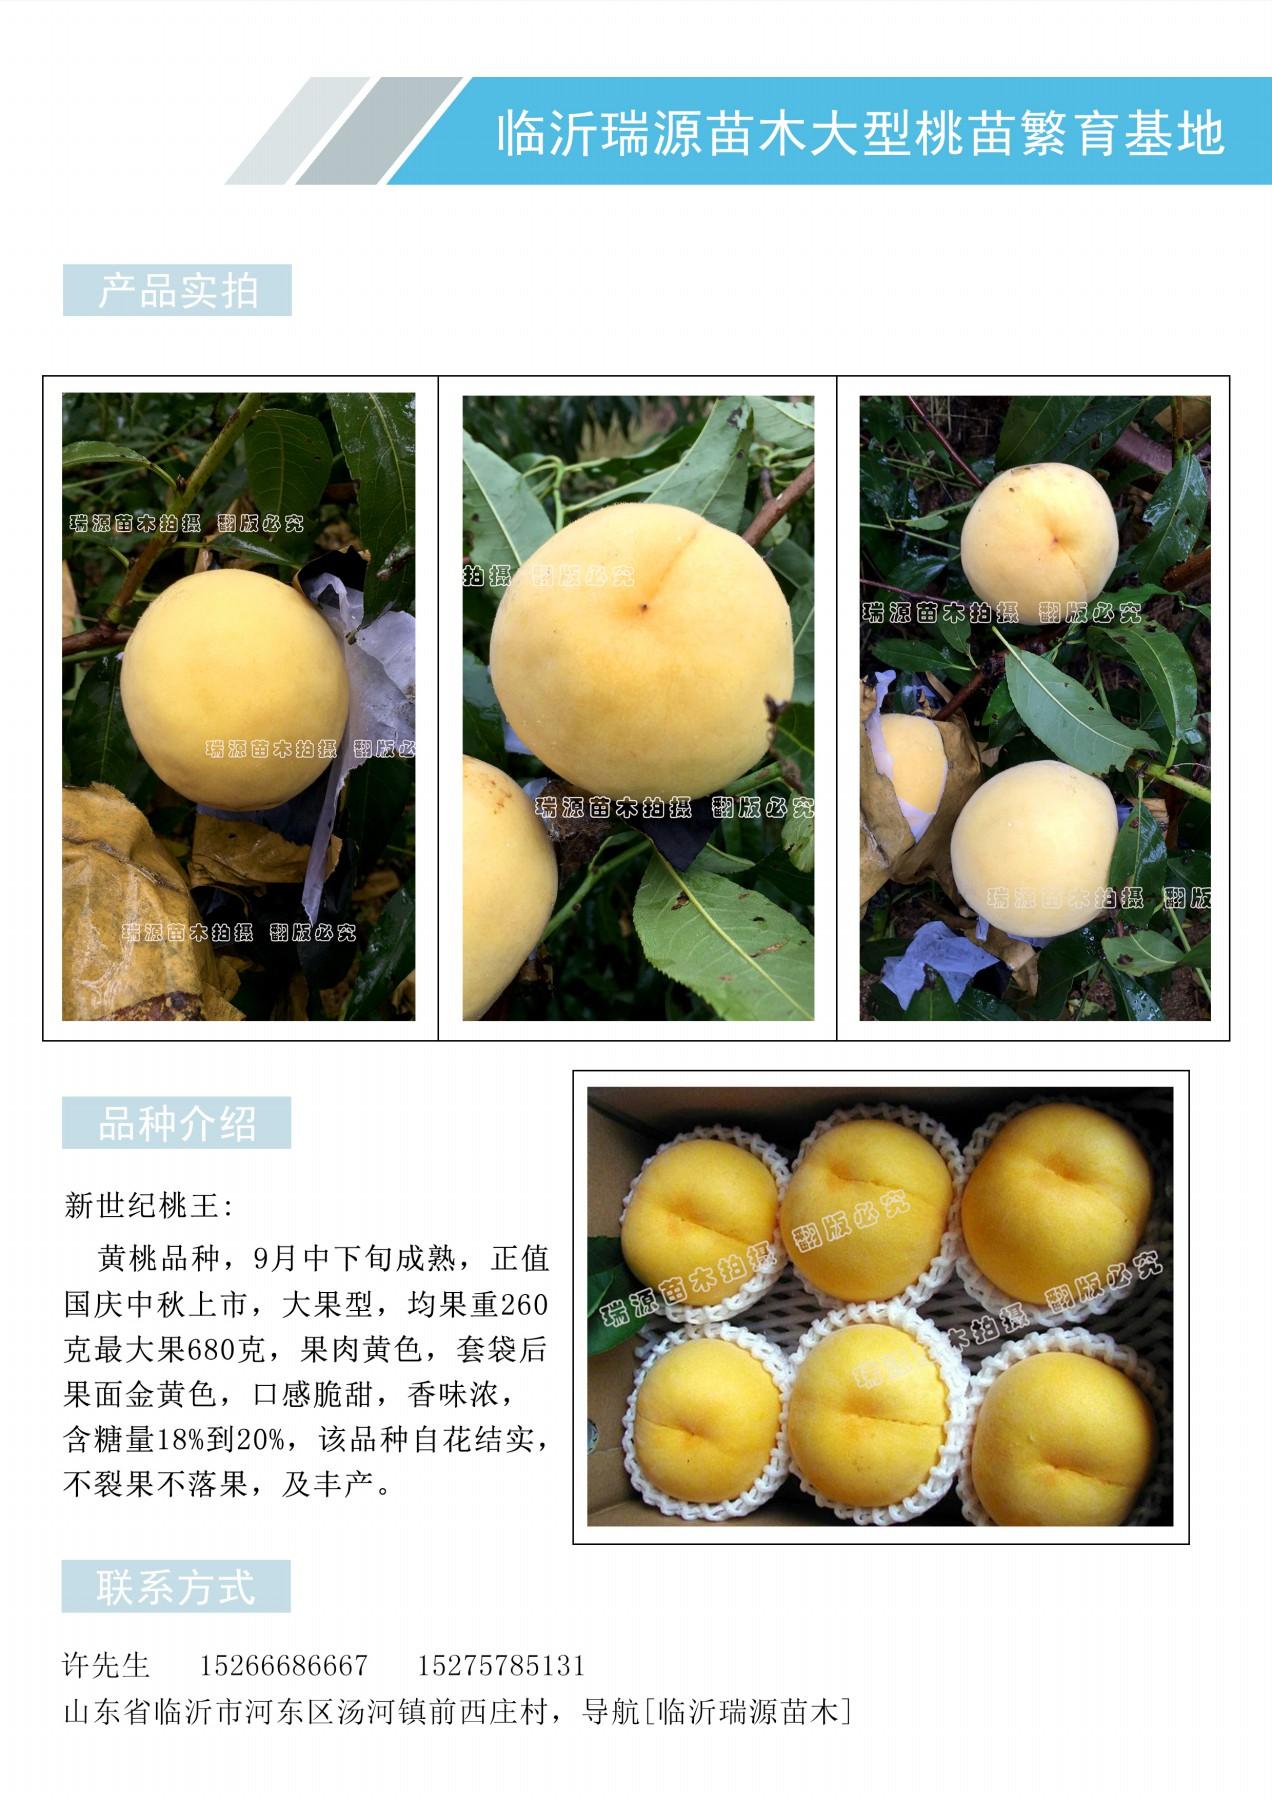 黄桃树苗出售_黄桃树苗出售哪里有卖